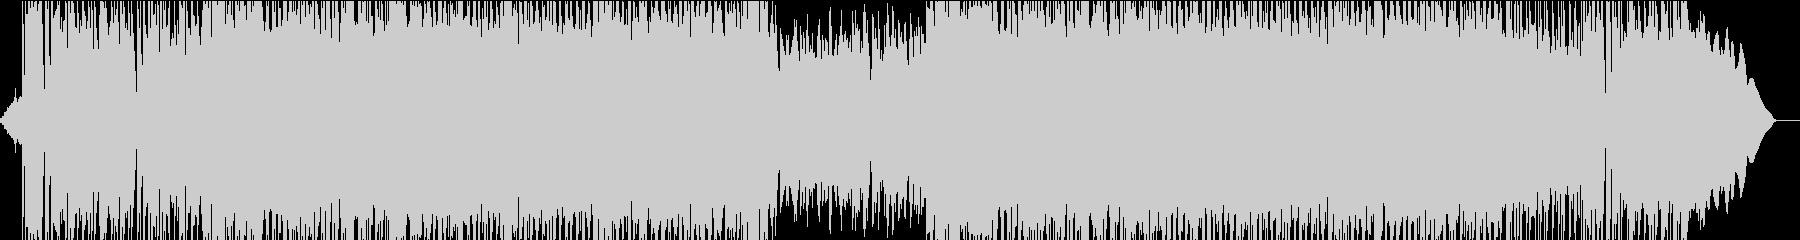 骨太ギターロック+シンセメロディの未再生の波形